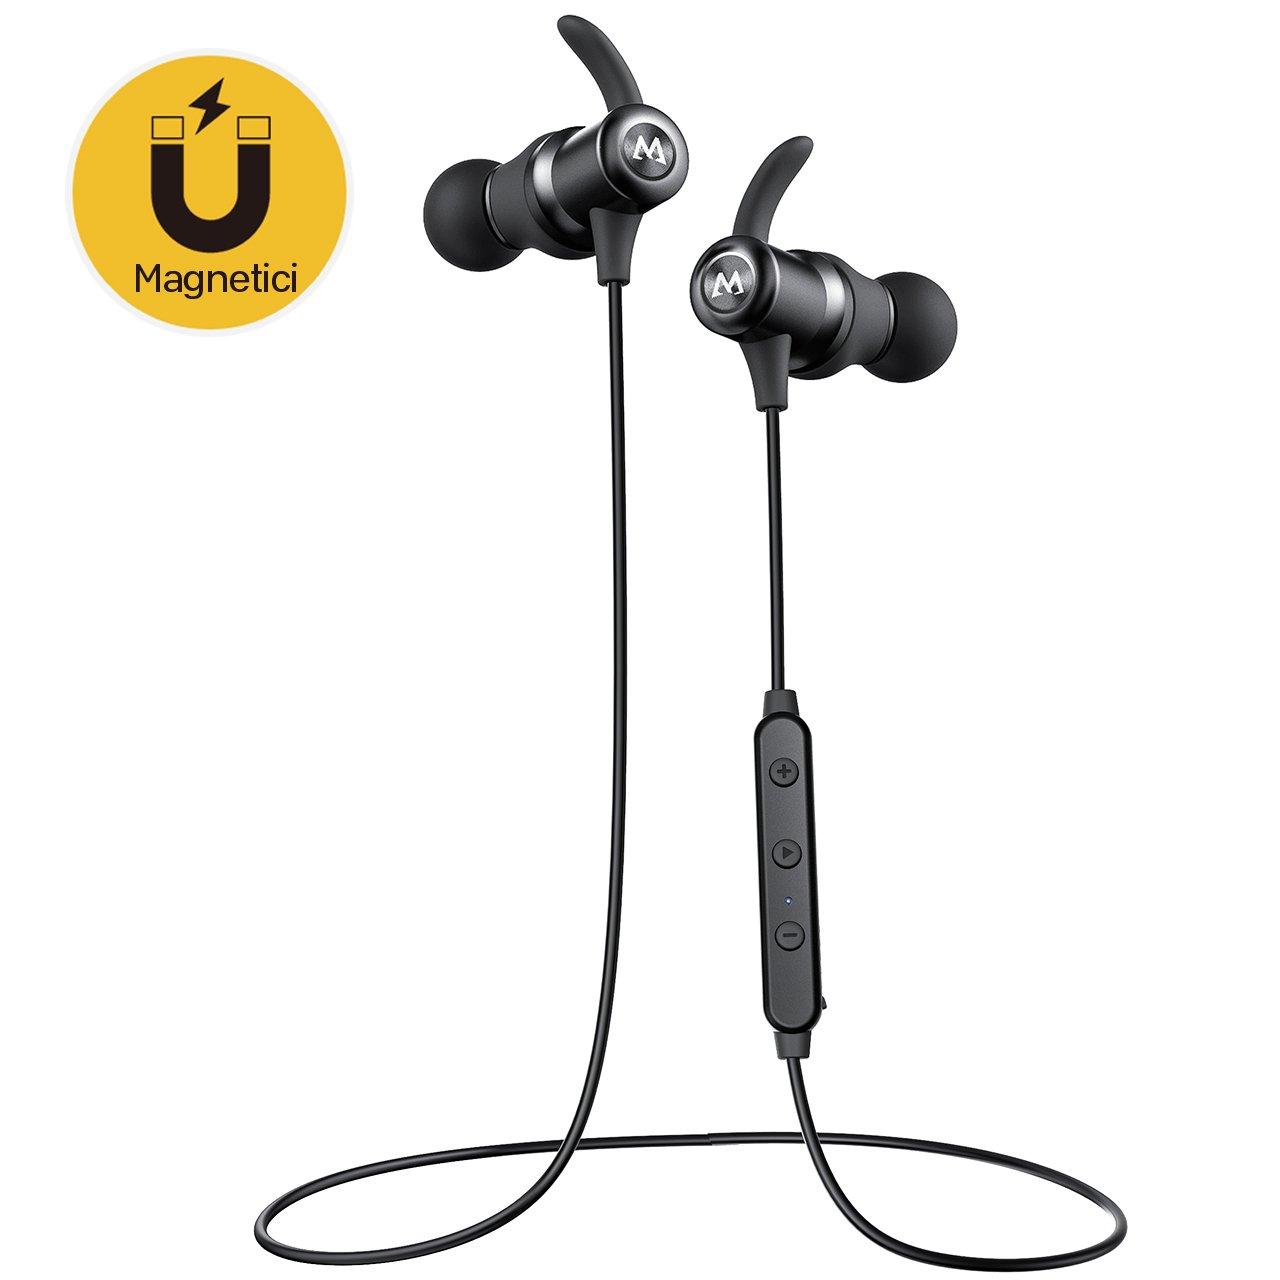 Mpow S10, Auriculares Bluetooth magné ticos IPX7 Deportivos Manos Libres Micró fono, V4.1 In-Ear Inalá mbricos Running Deporte Correr Cancelació n de Ruido CVC 6.0 para iPhone Android(Negro